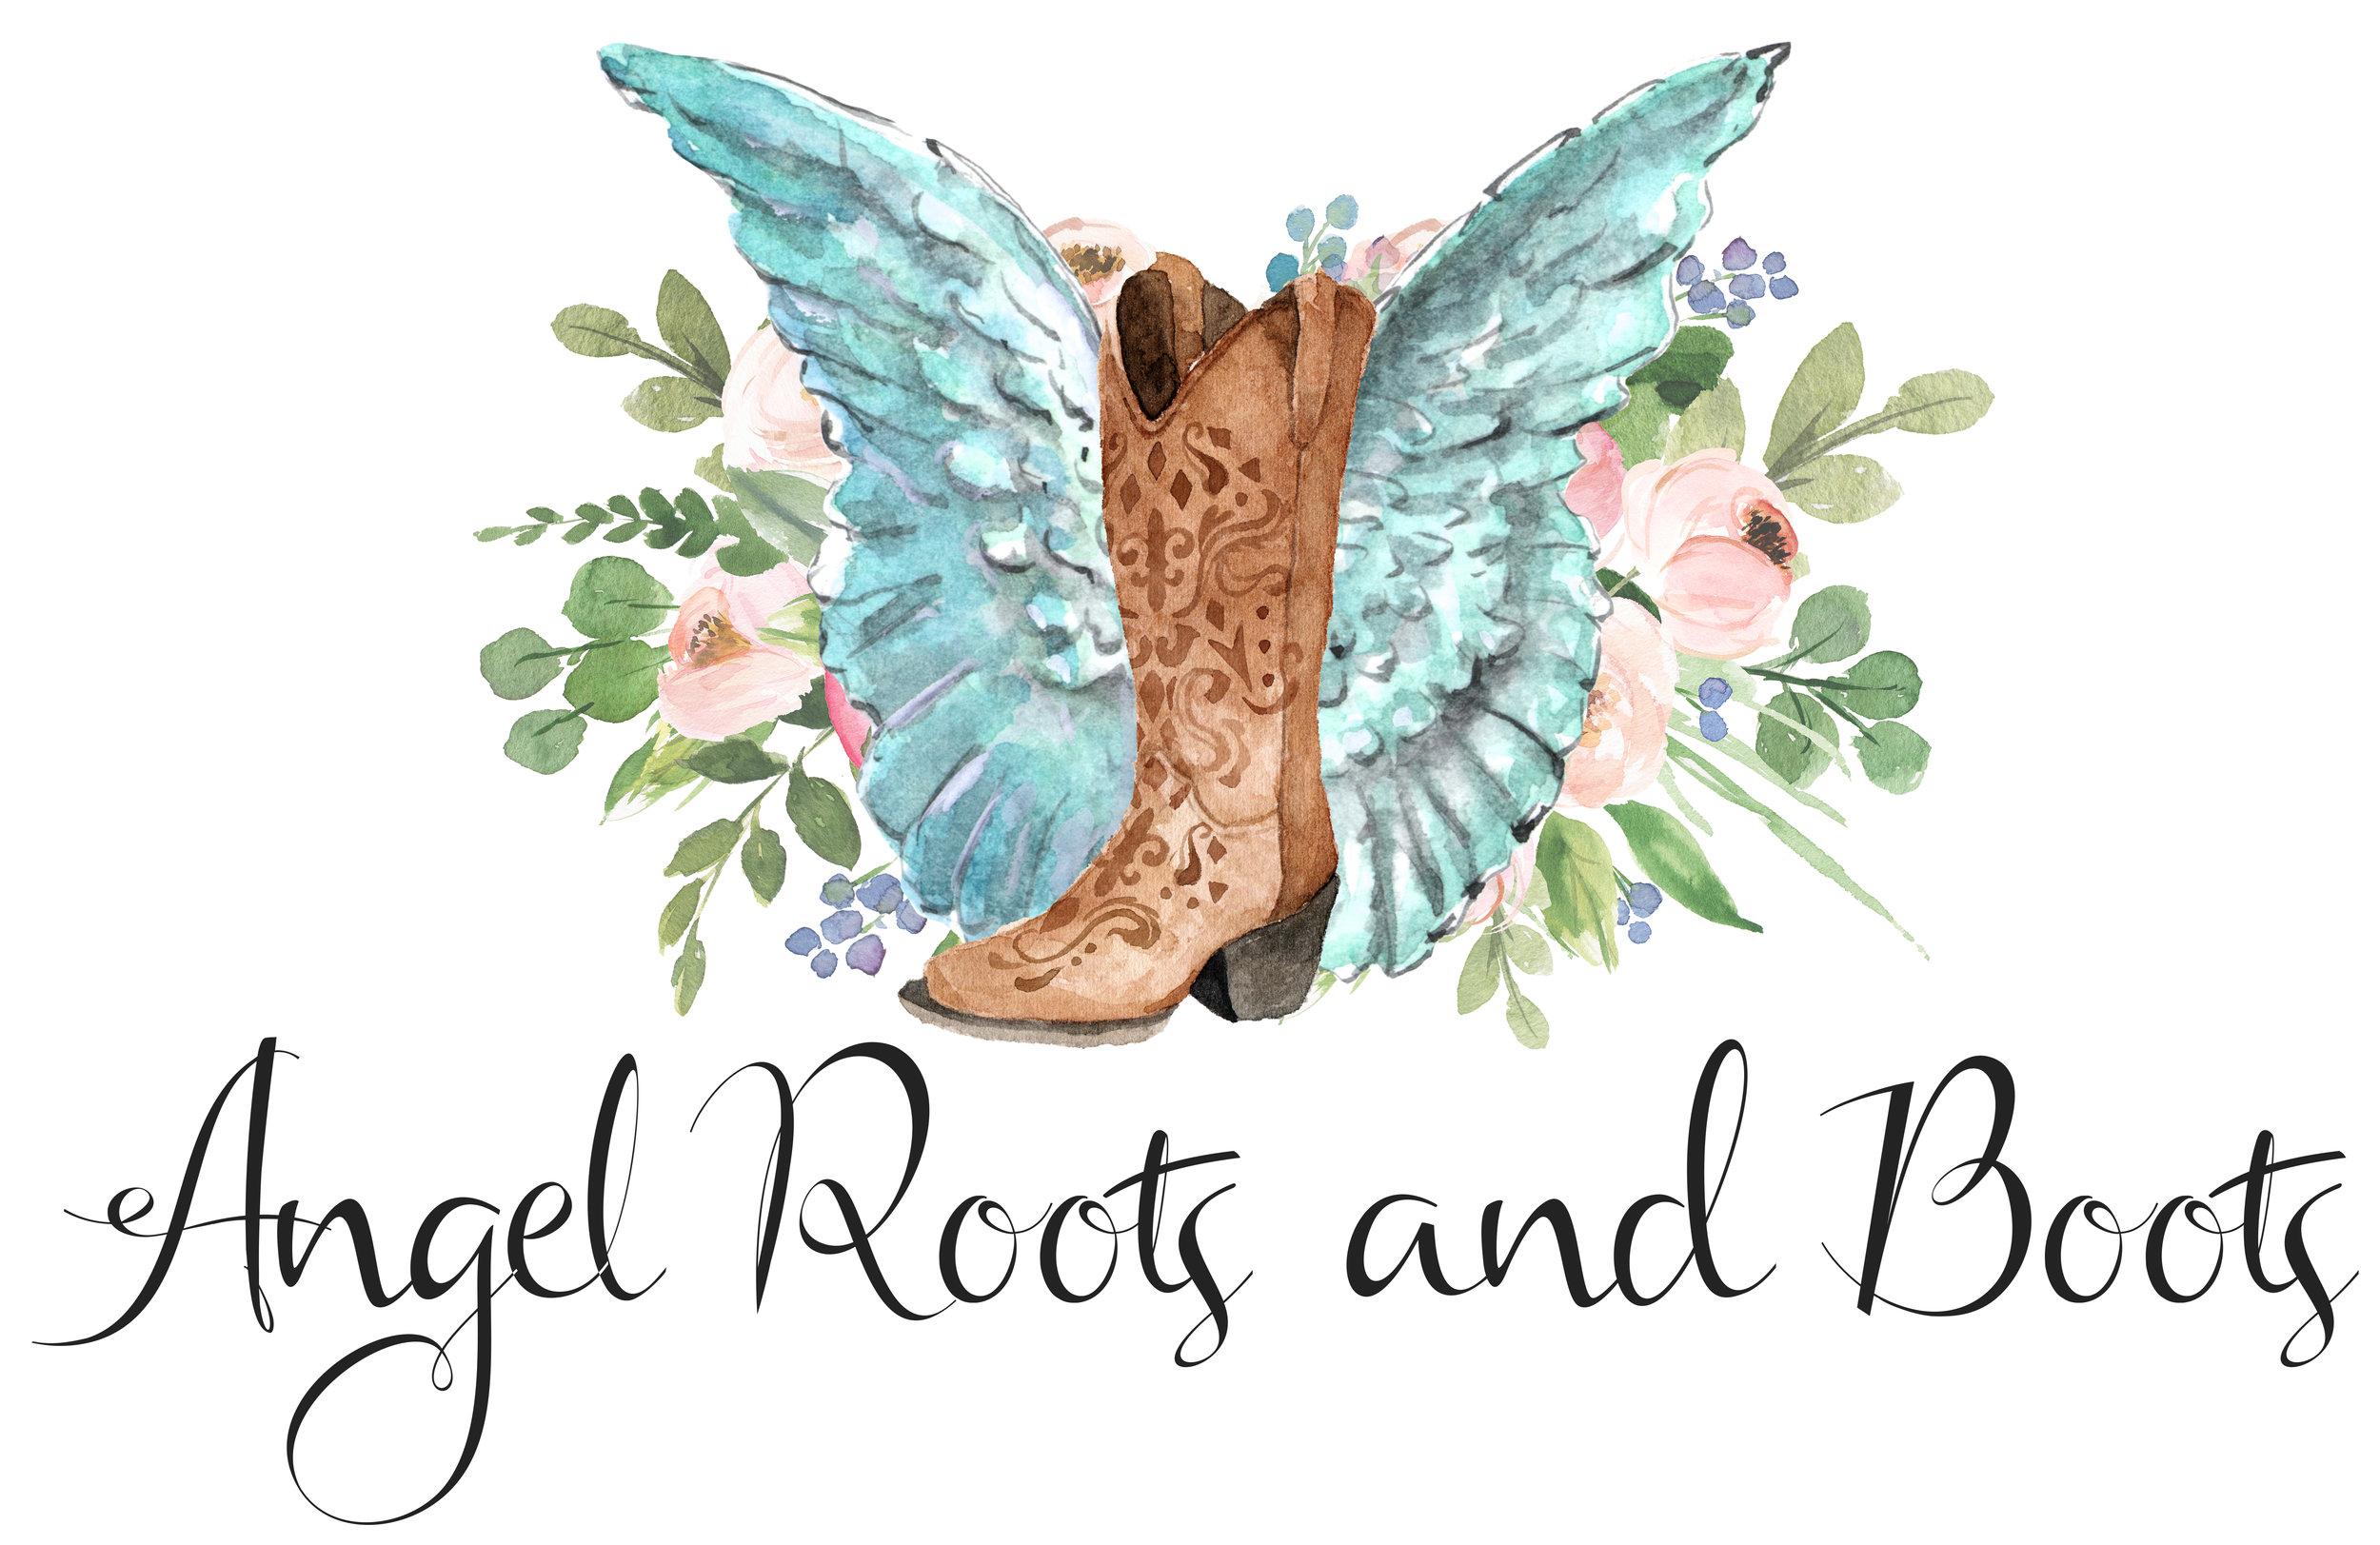 AngelRootsandBoots2.jpg